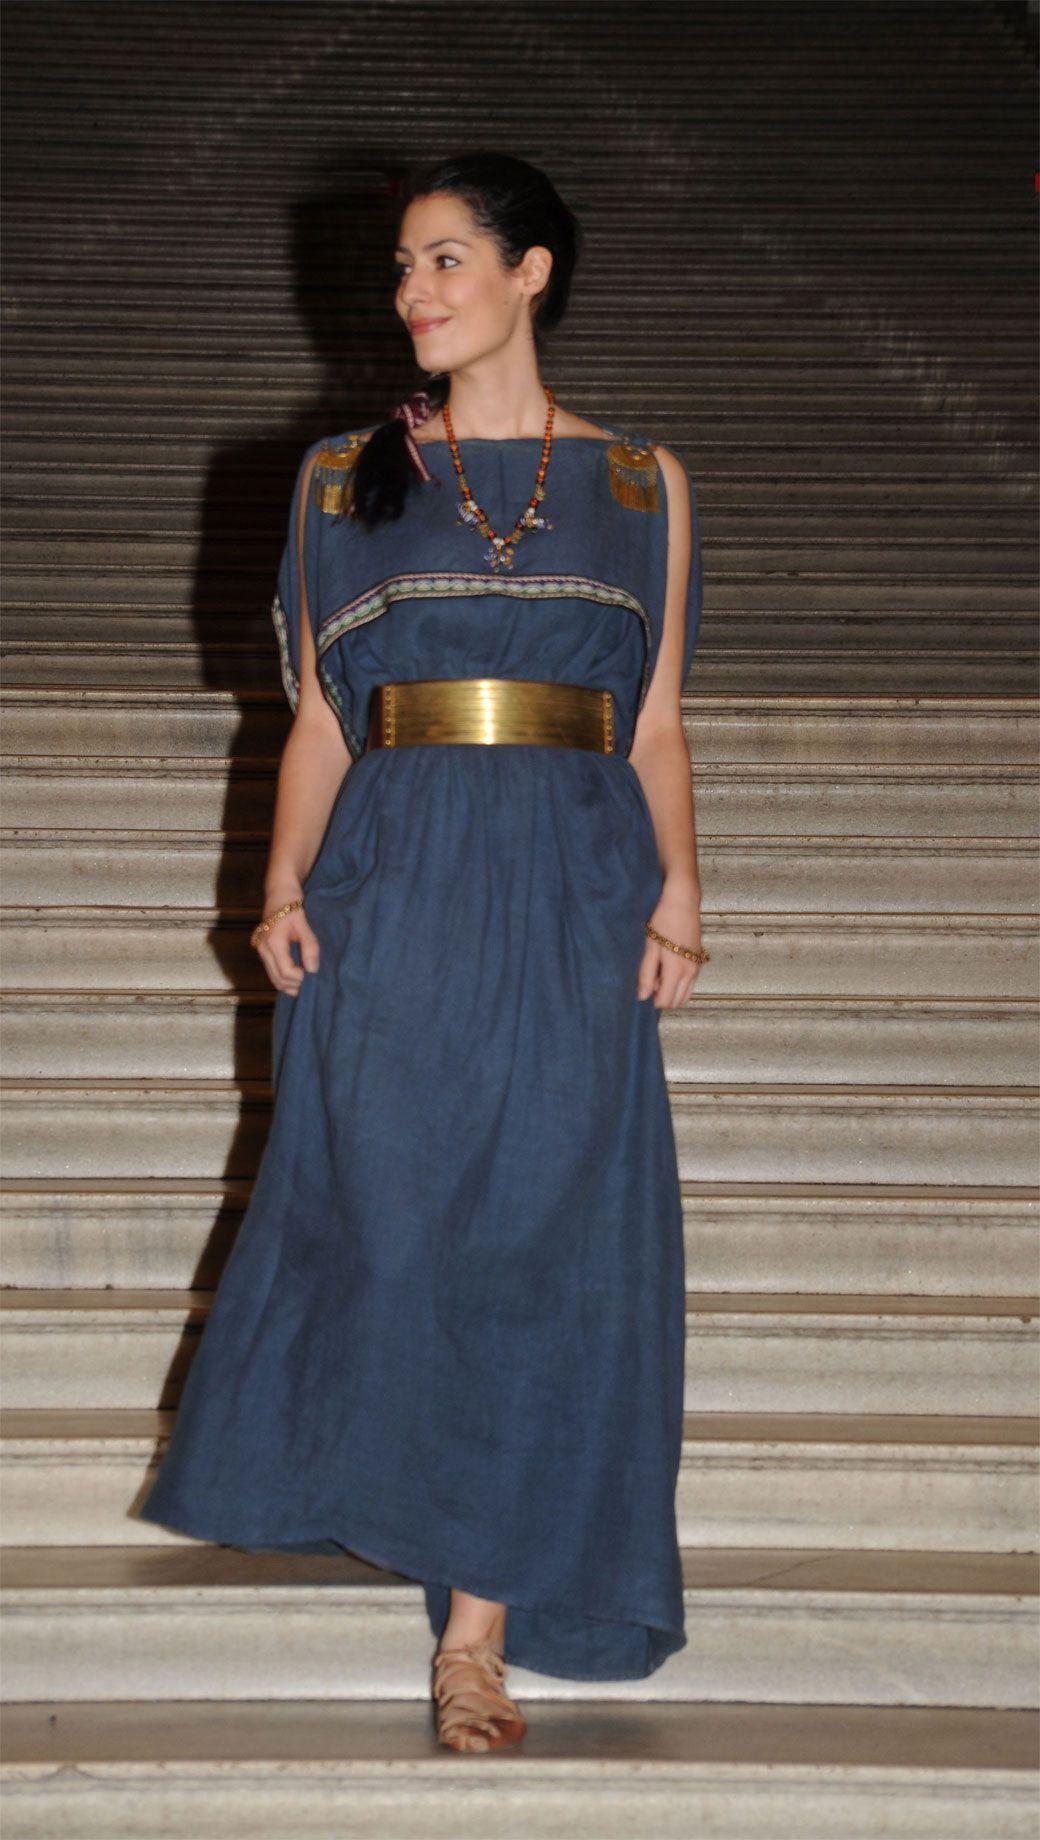 Gauloises De Femmes Costumes Femmes Gauloises Costumes De w8mn0N